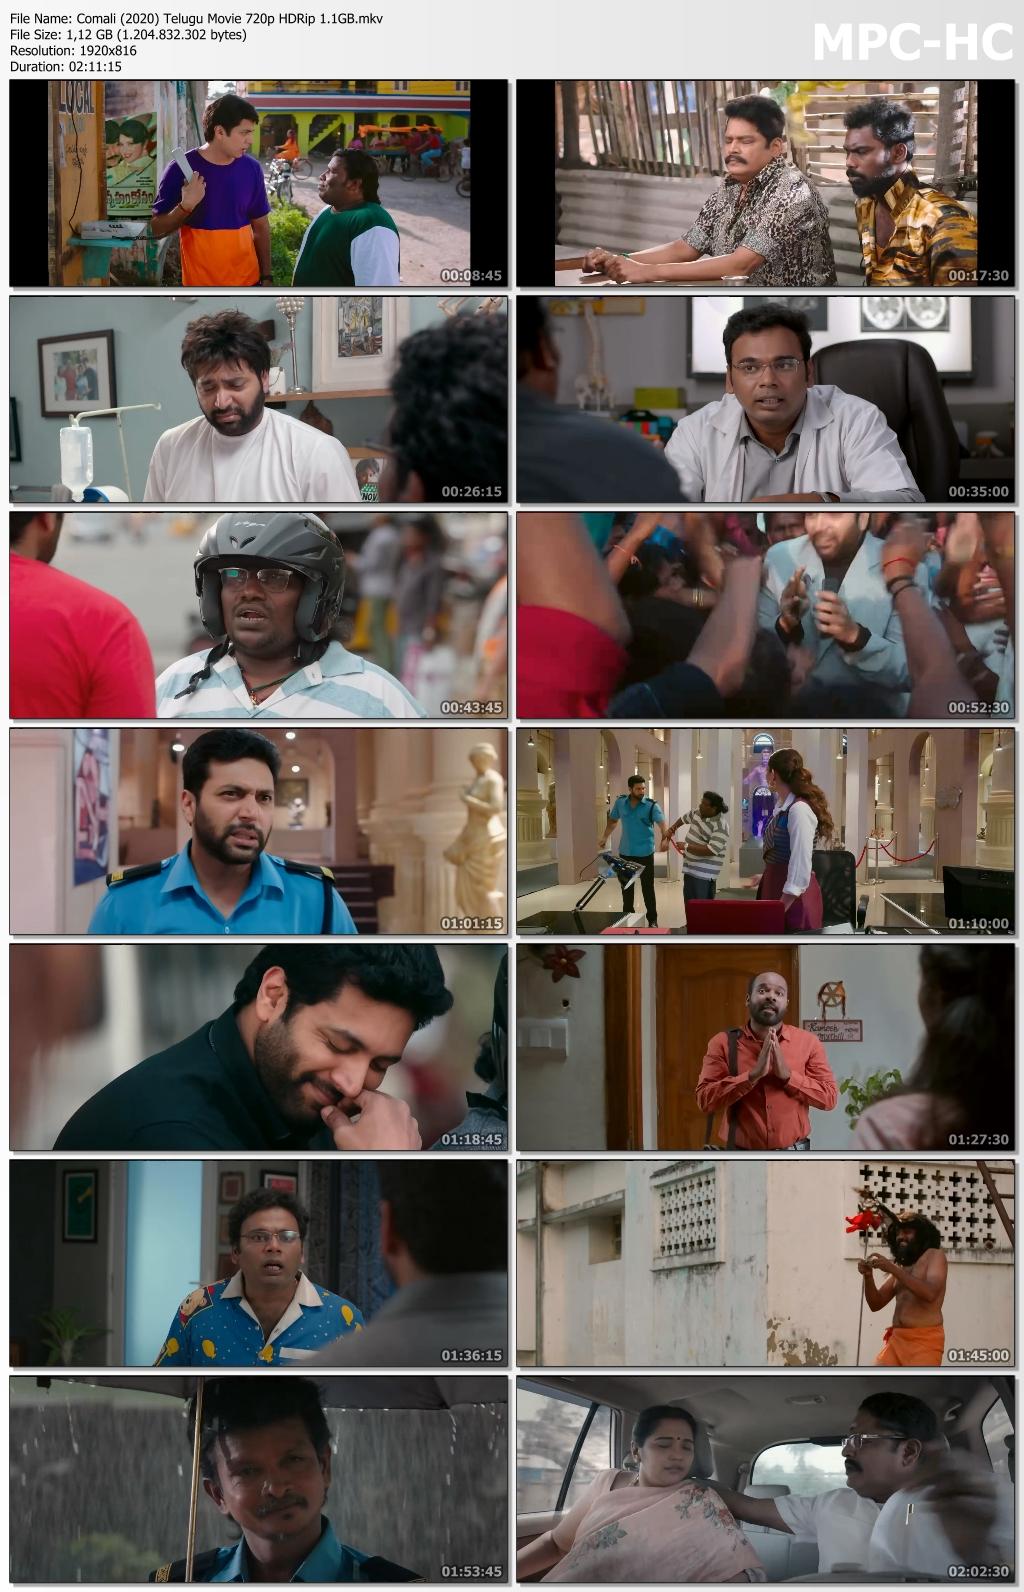 Comali-2020-Telugu-Movie-720p-HDRip-1-1-GB-mkv-thumbs